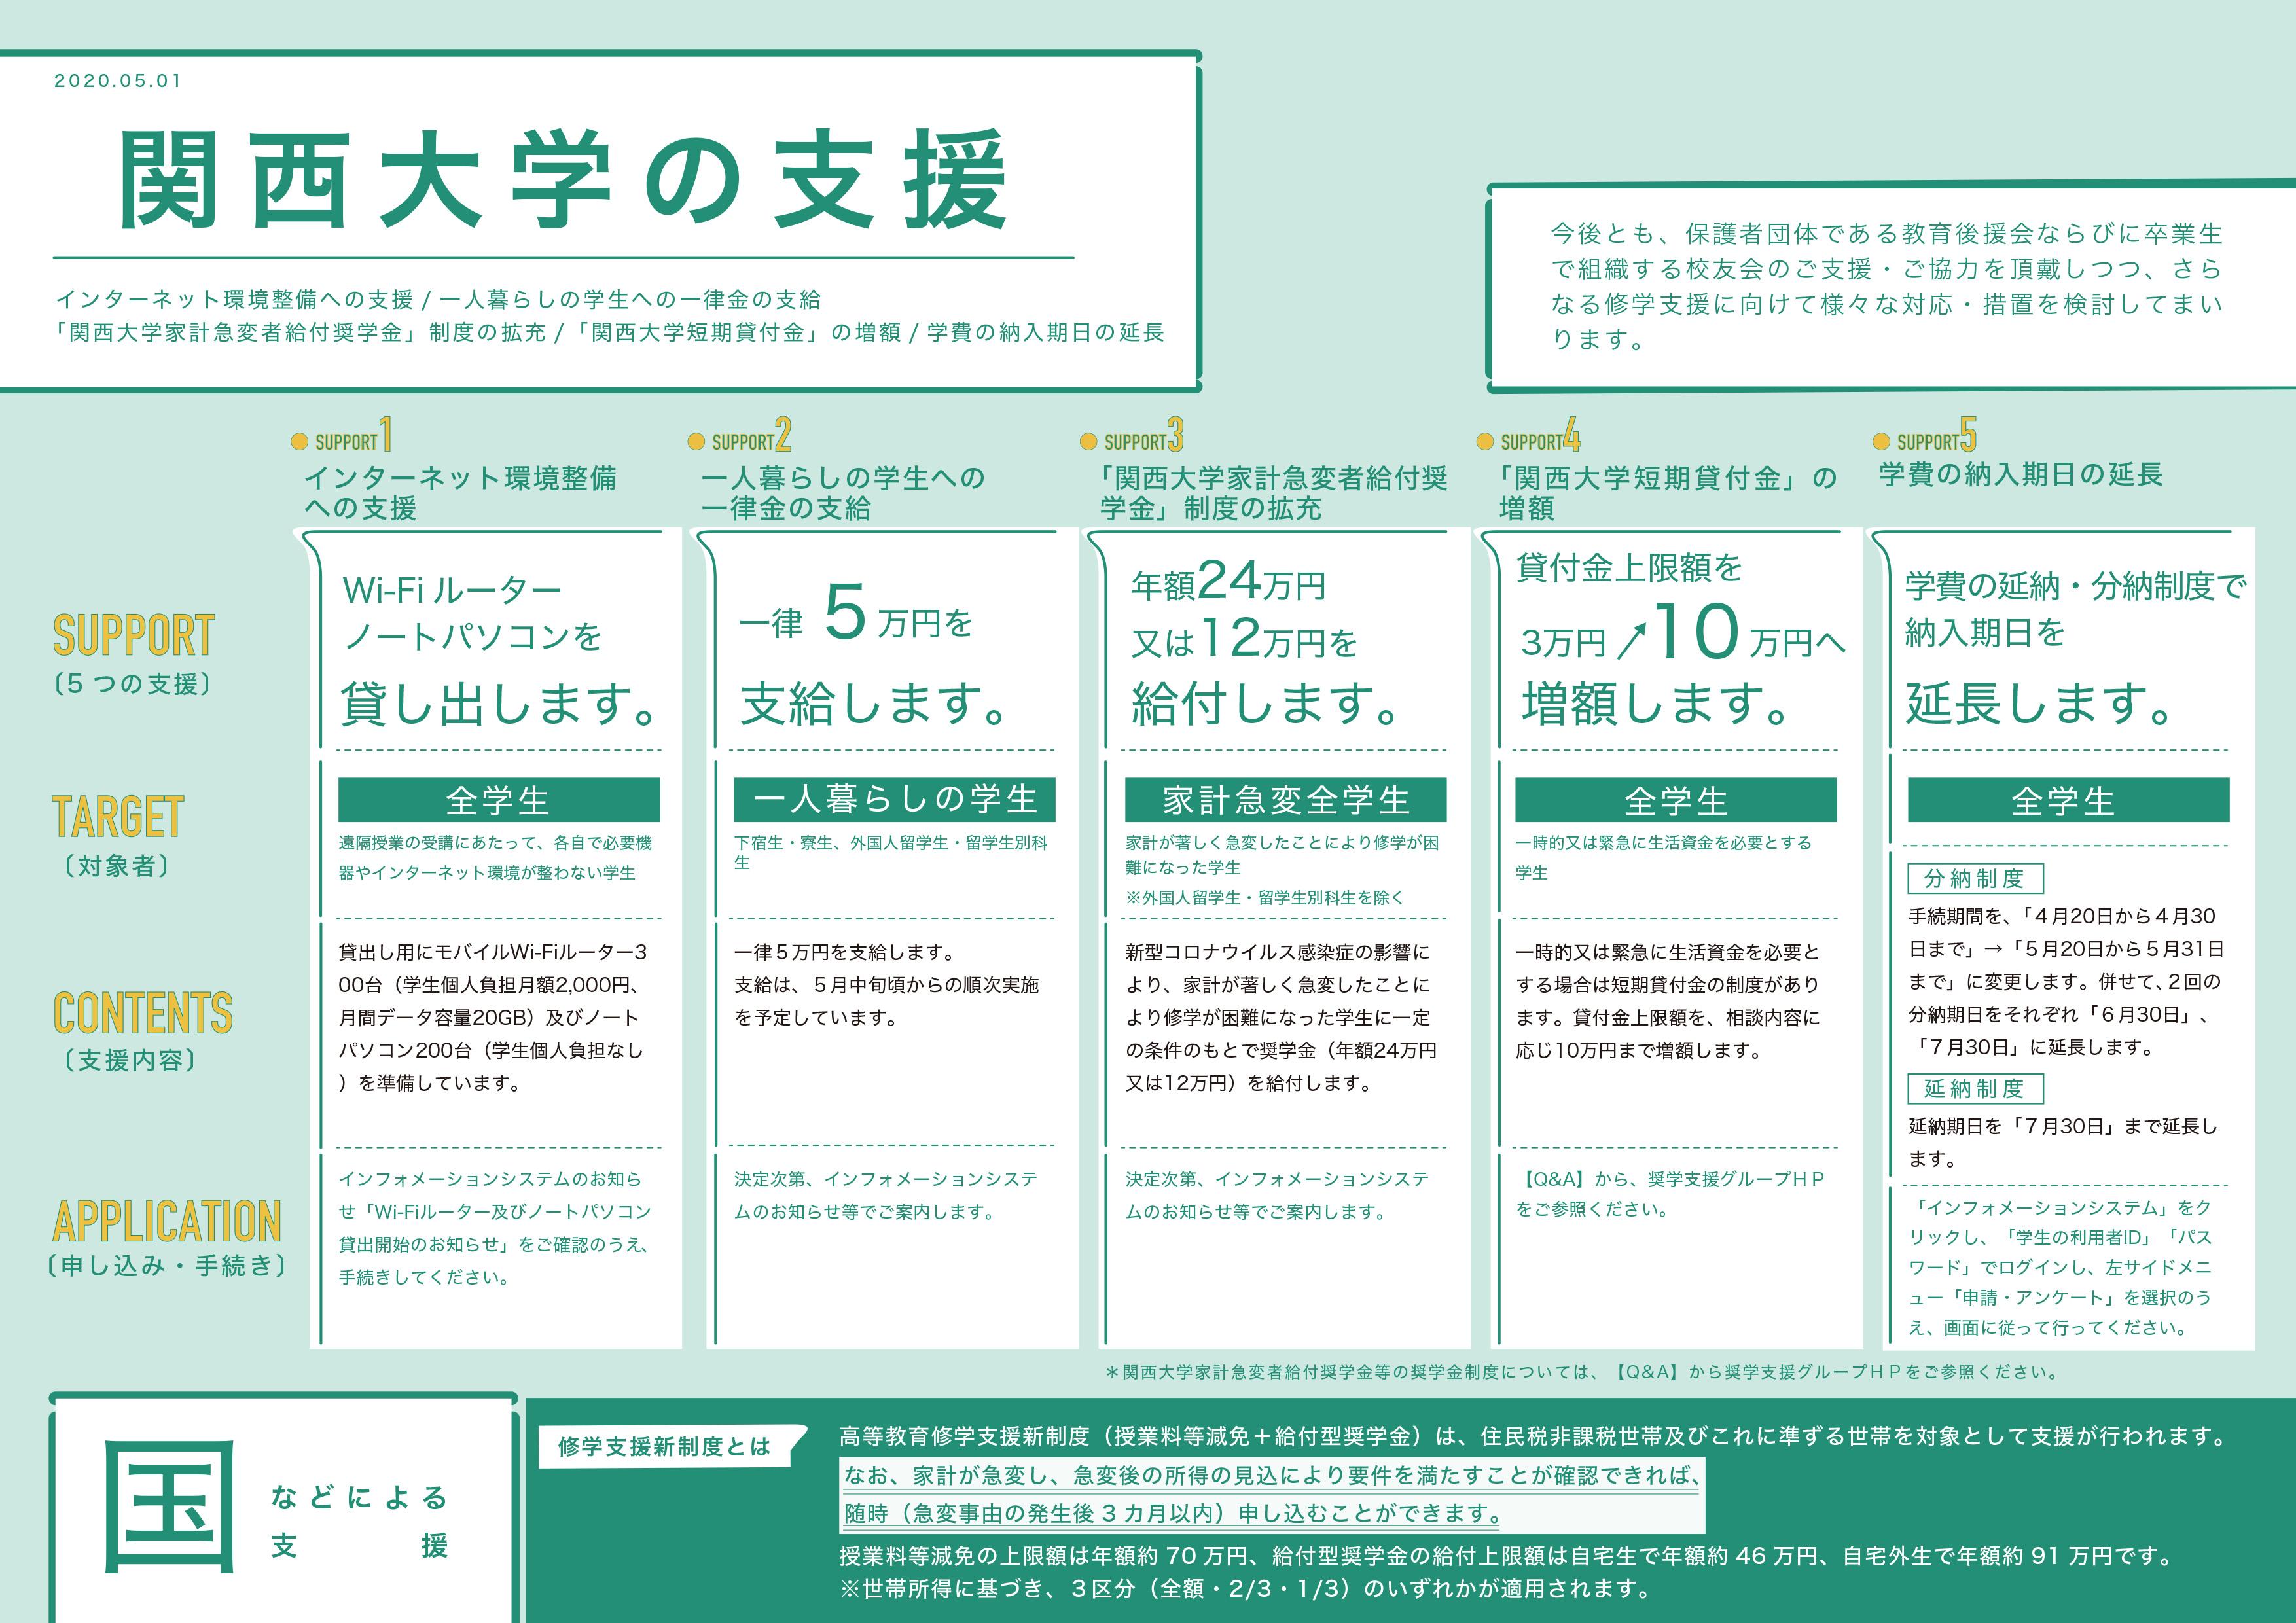 関西 大学 ホームページ